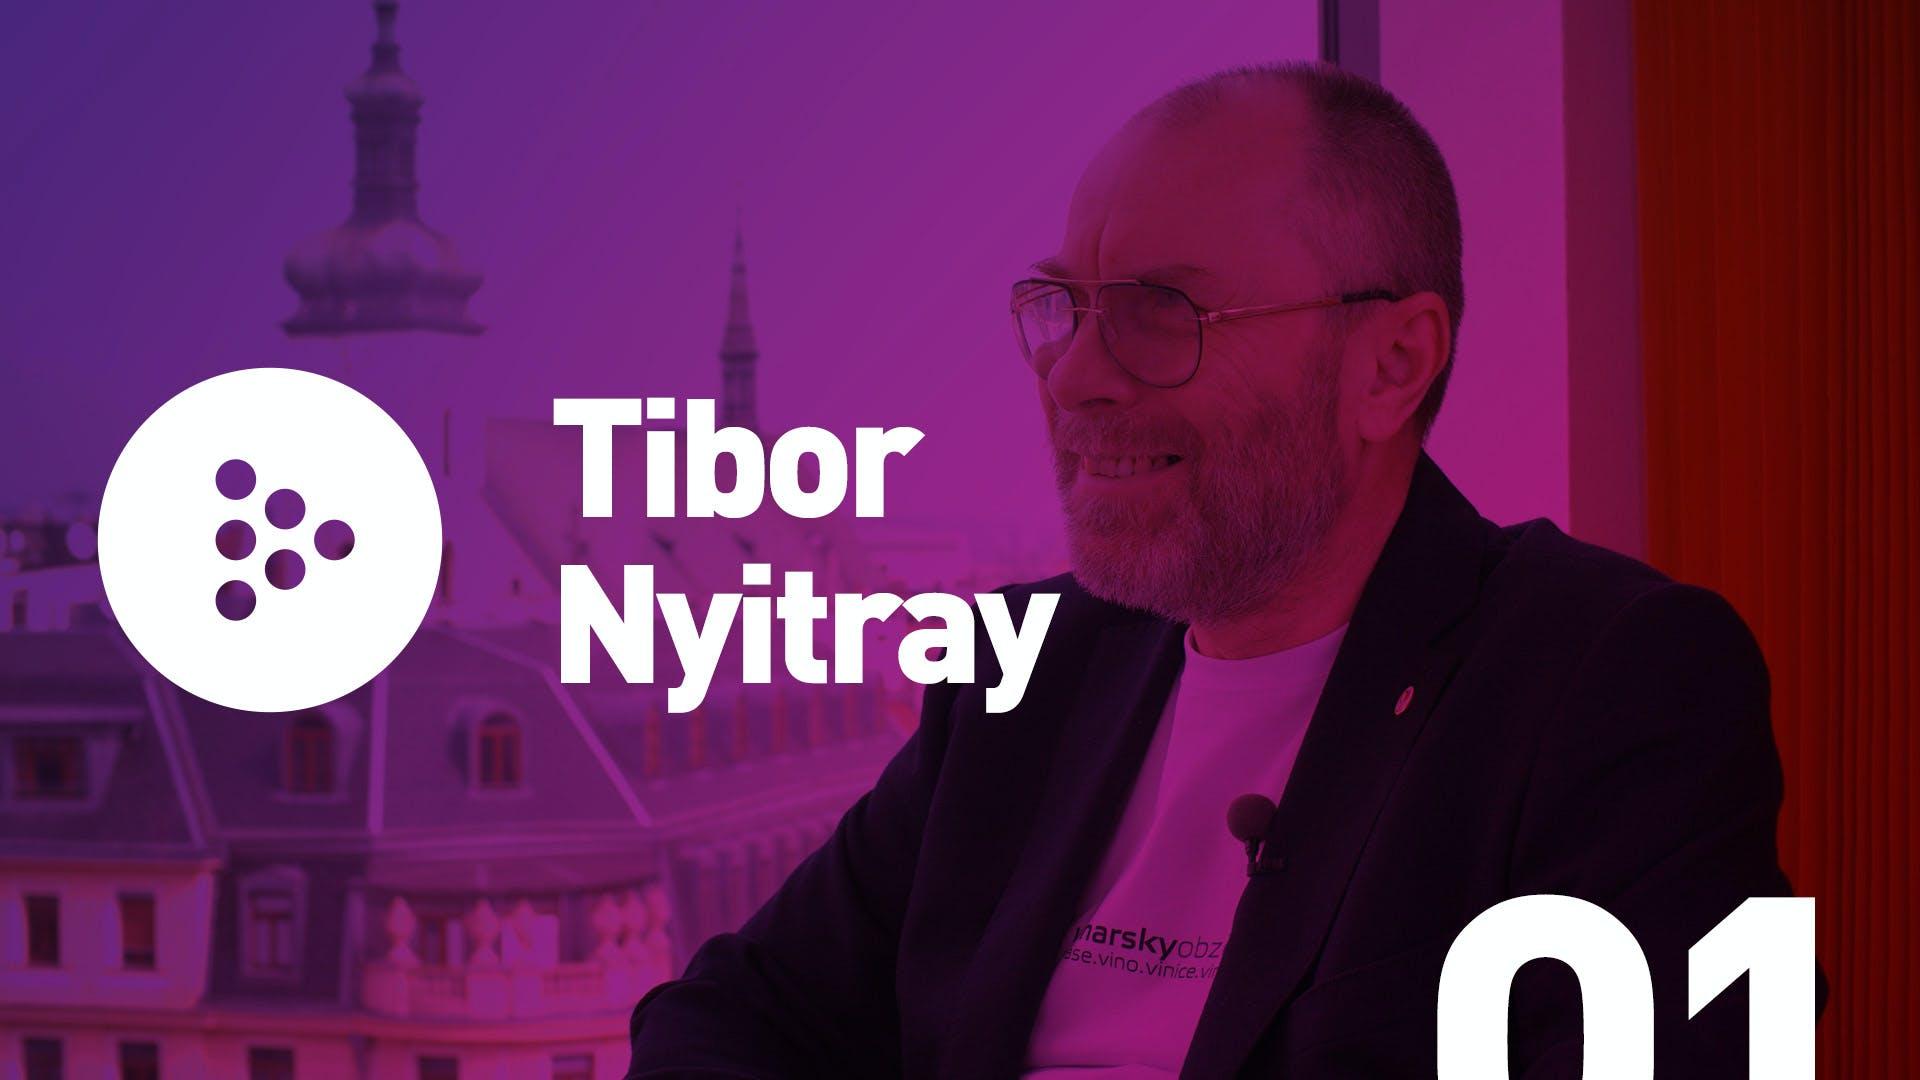 Podcast Tibor